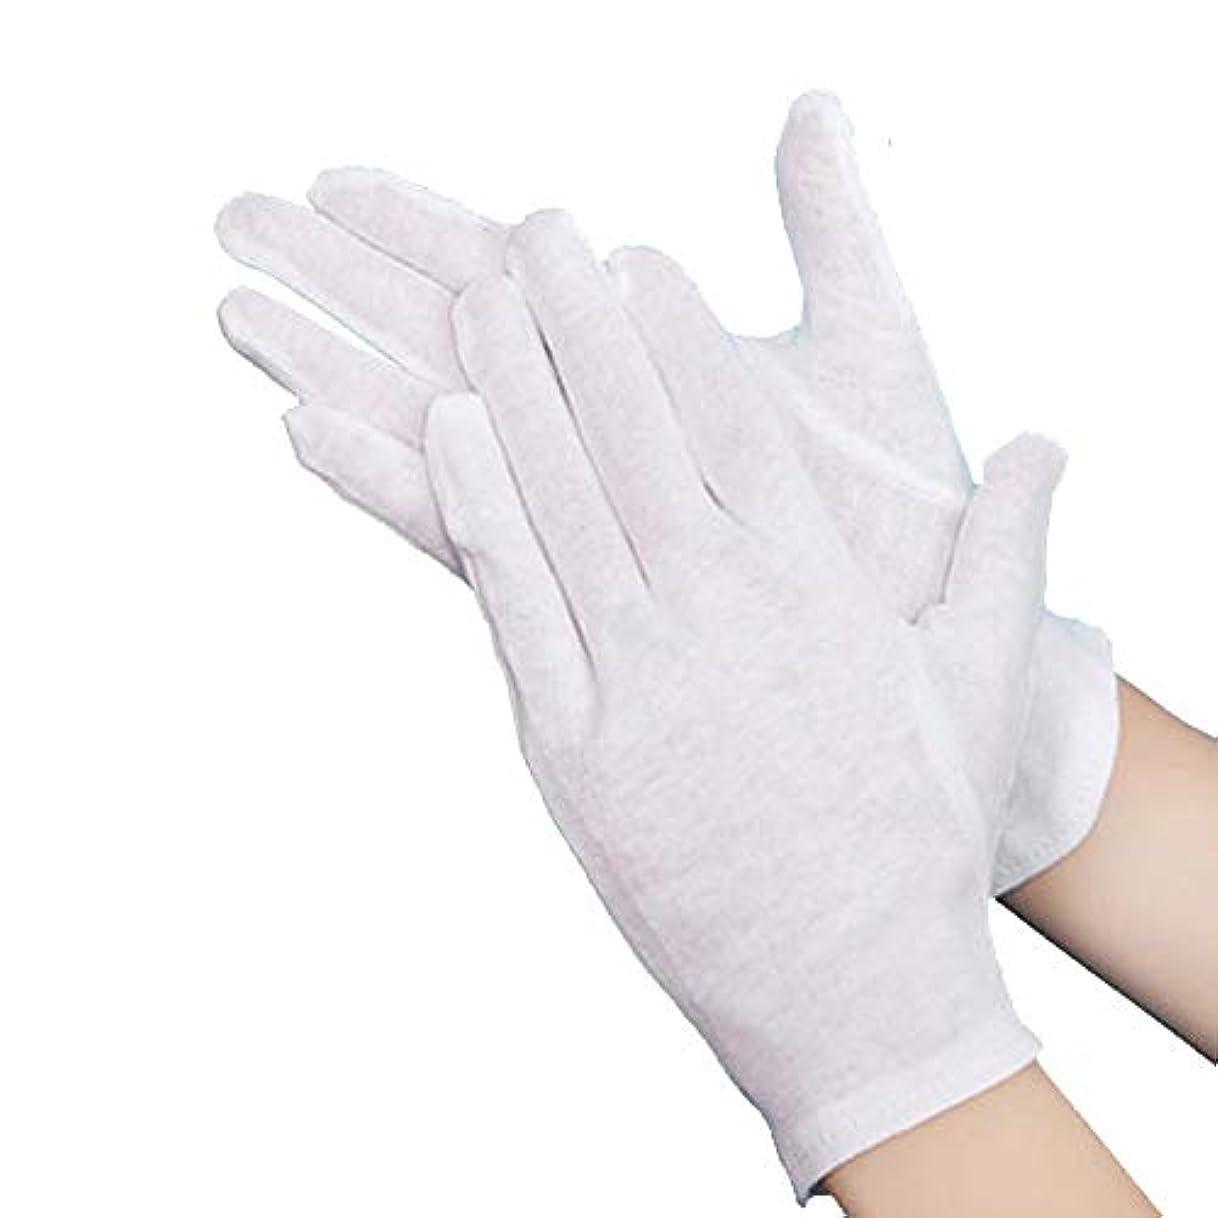 技術的な廃止する竜巻PROMEDIX綿手袋 純綿100% 通気性 コットン手袋 10双組 (M)